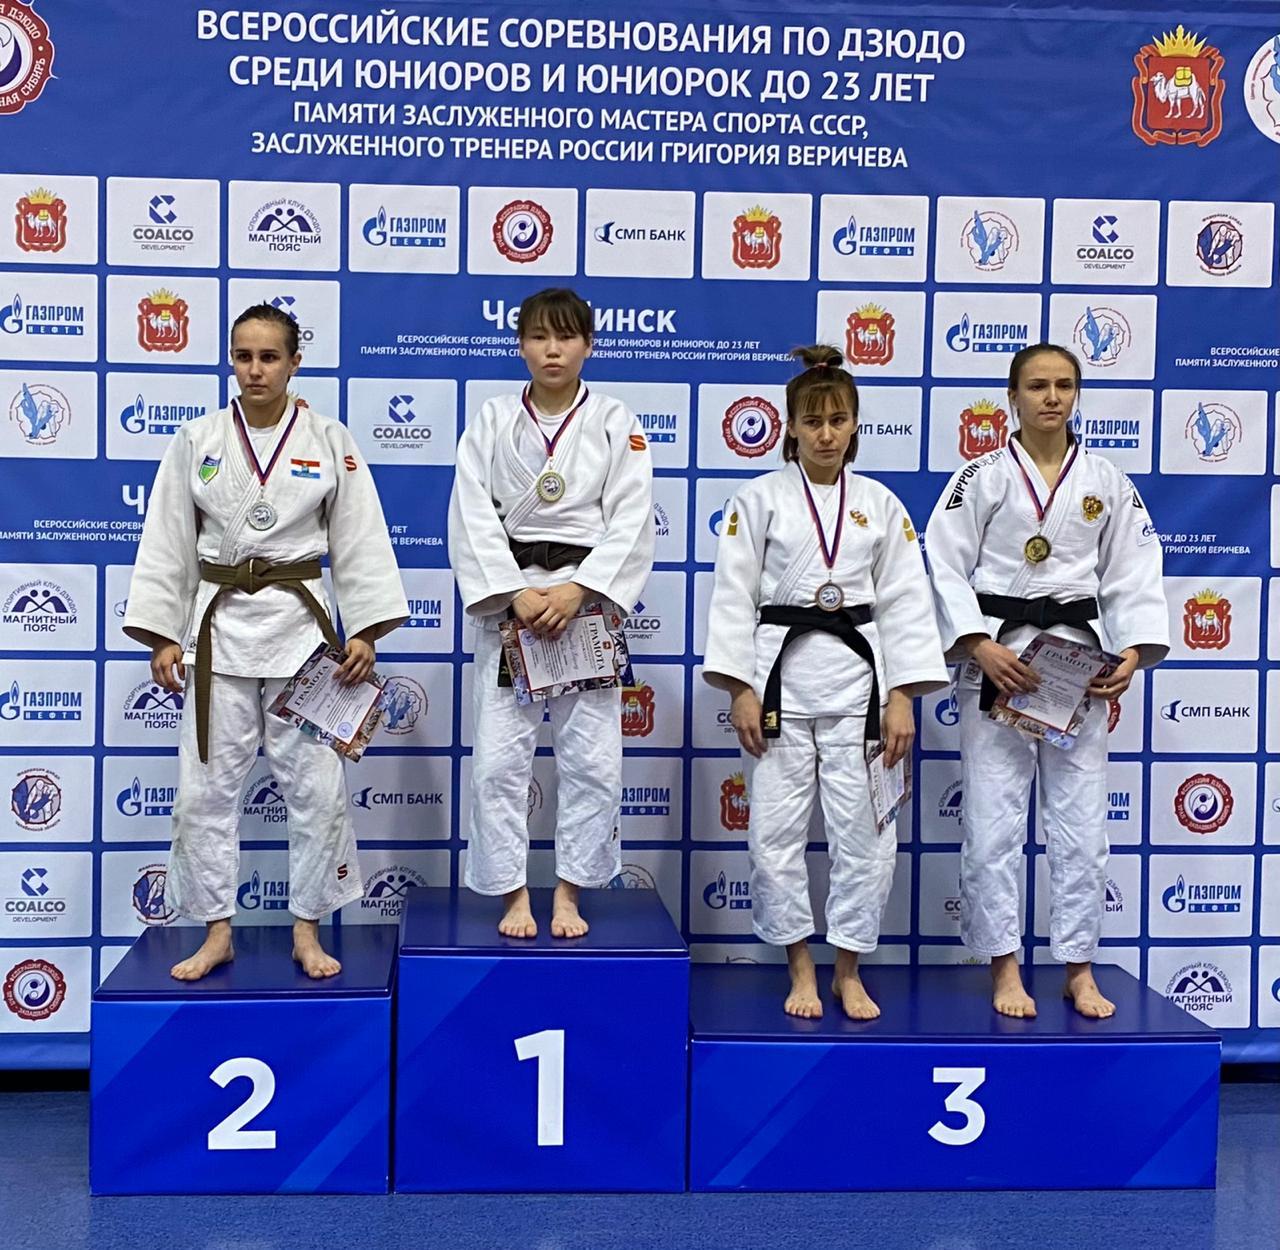 Карина Ефимова стала победительницей всероссийского соревнования по дзюдо в Челябинске